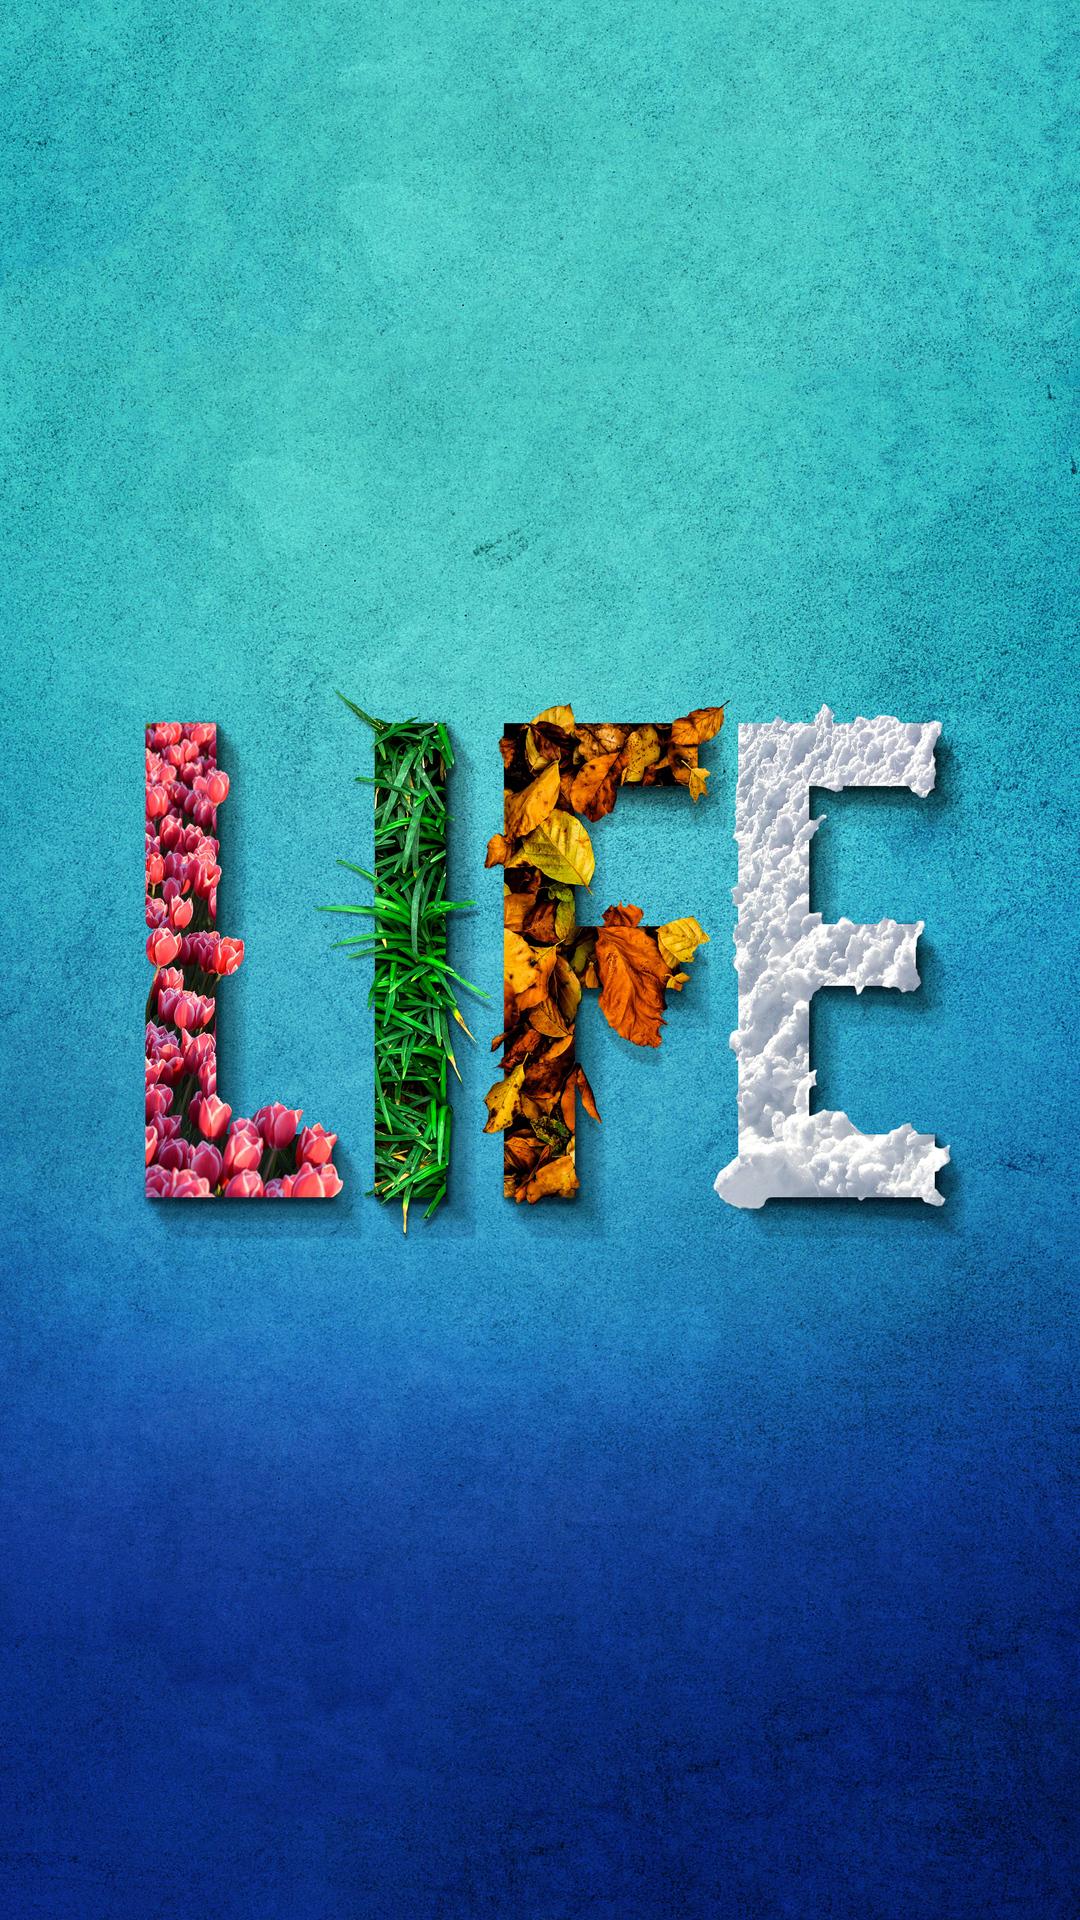 life-typography-8k-sv.jpg